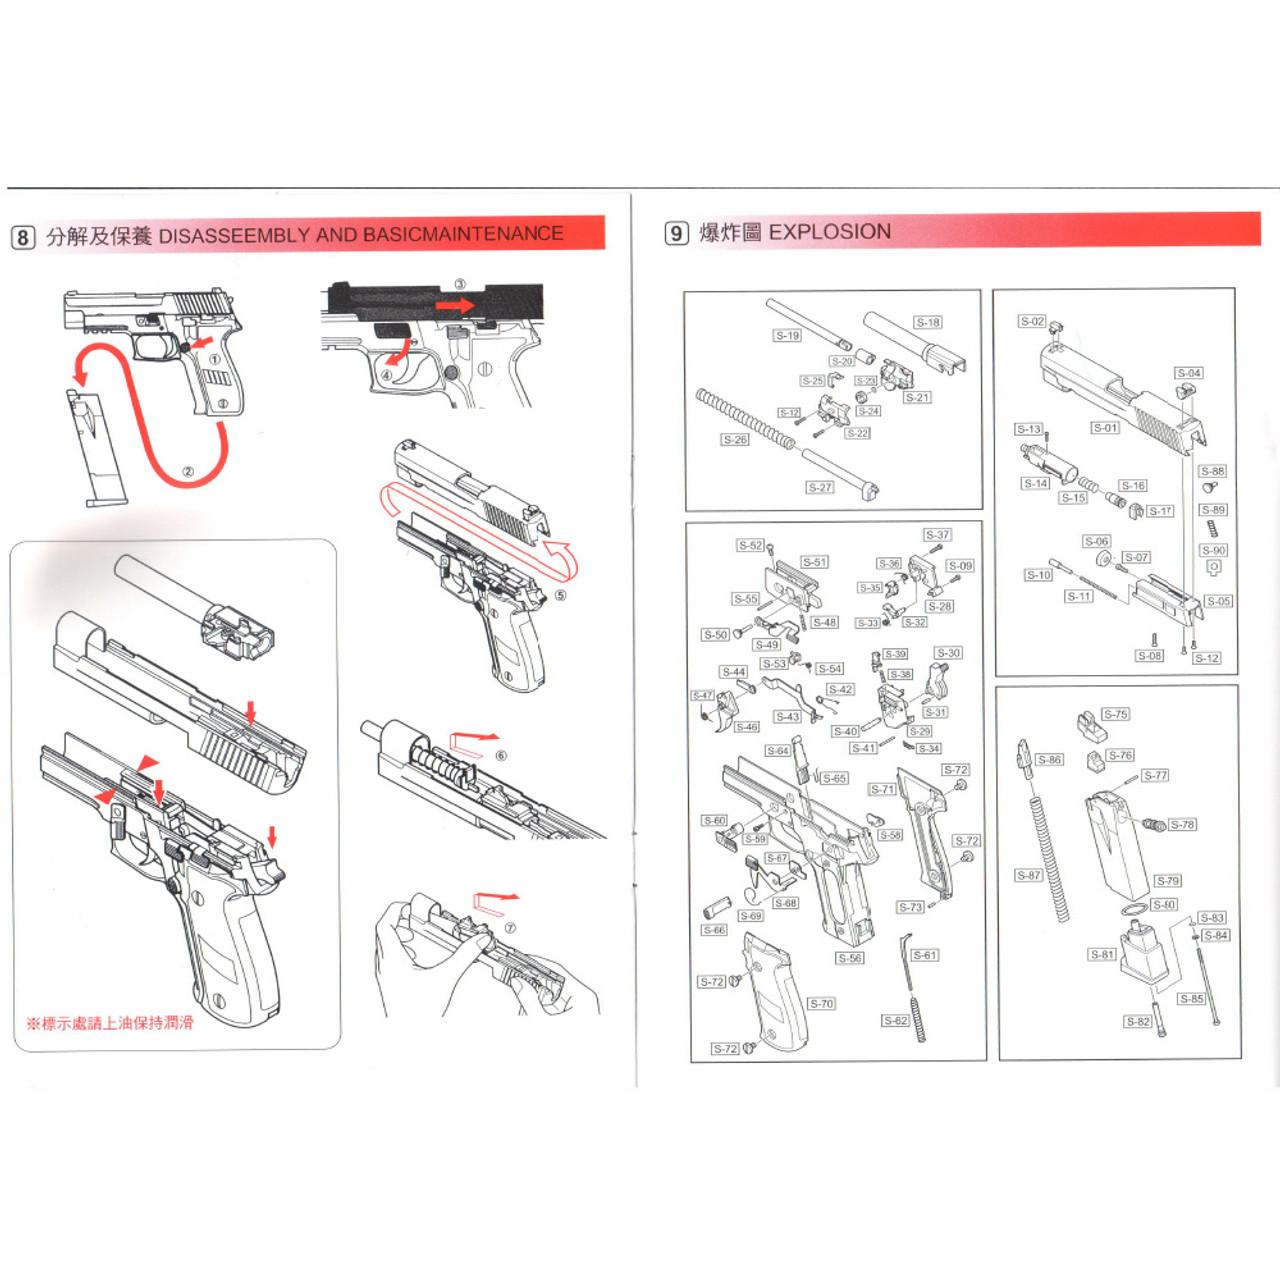 medium resolution of we airsoft f series pistol diagram